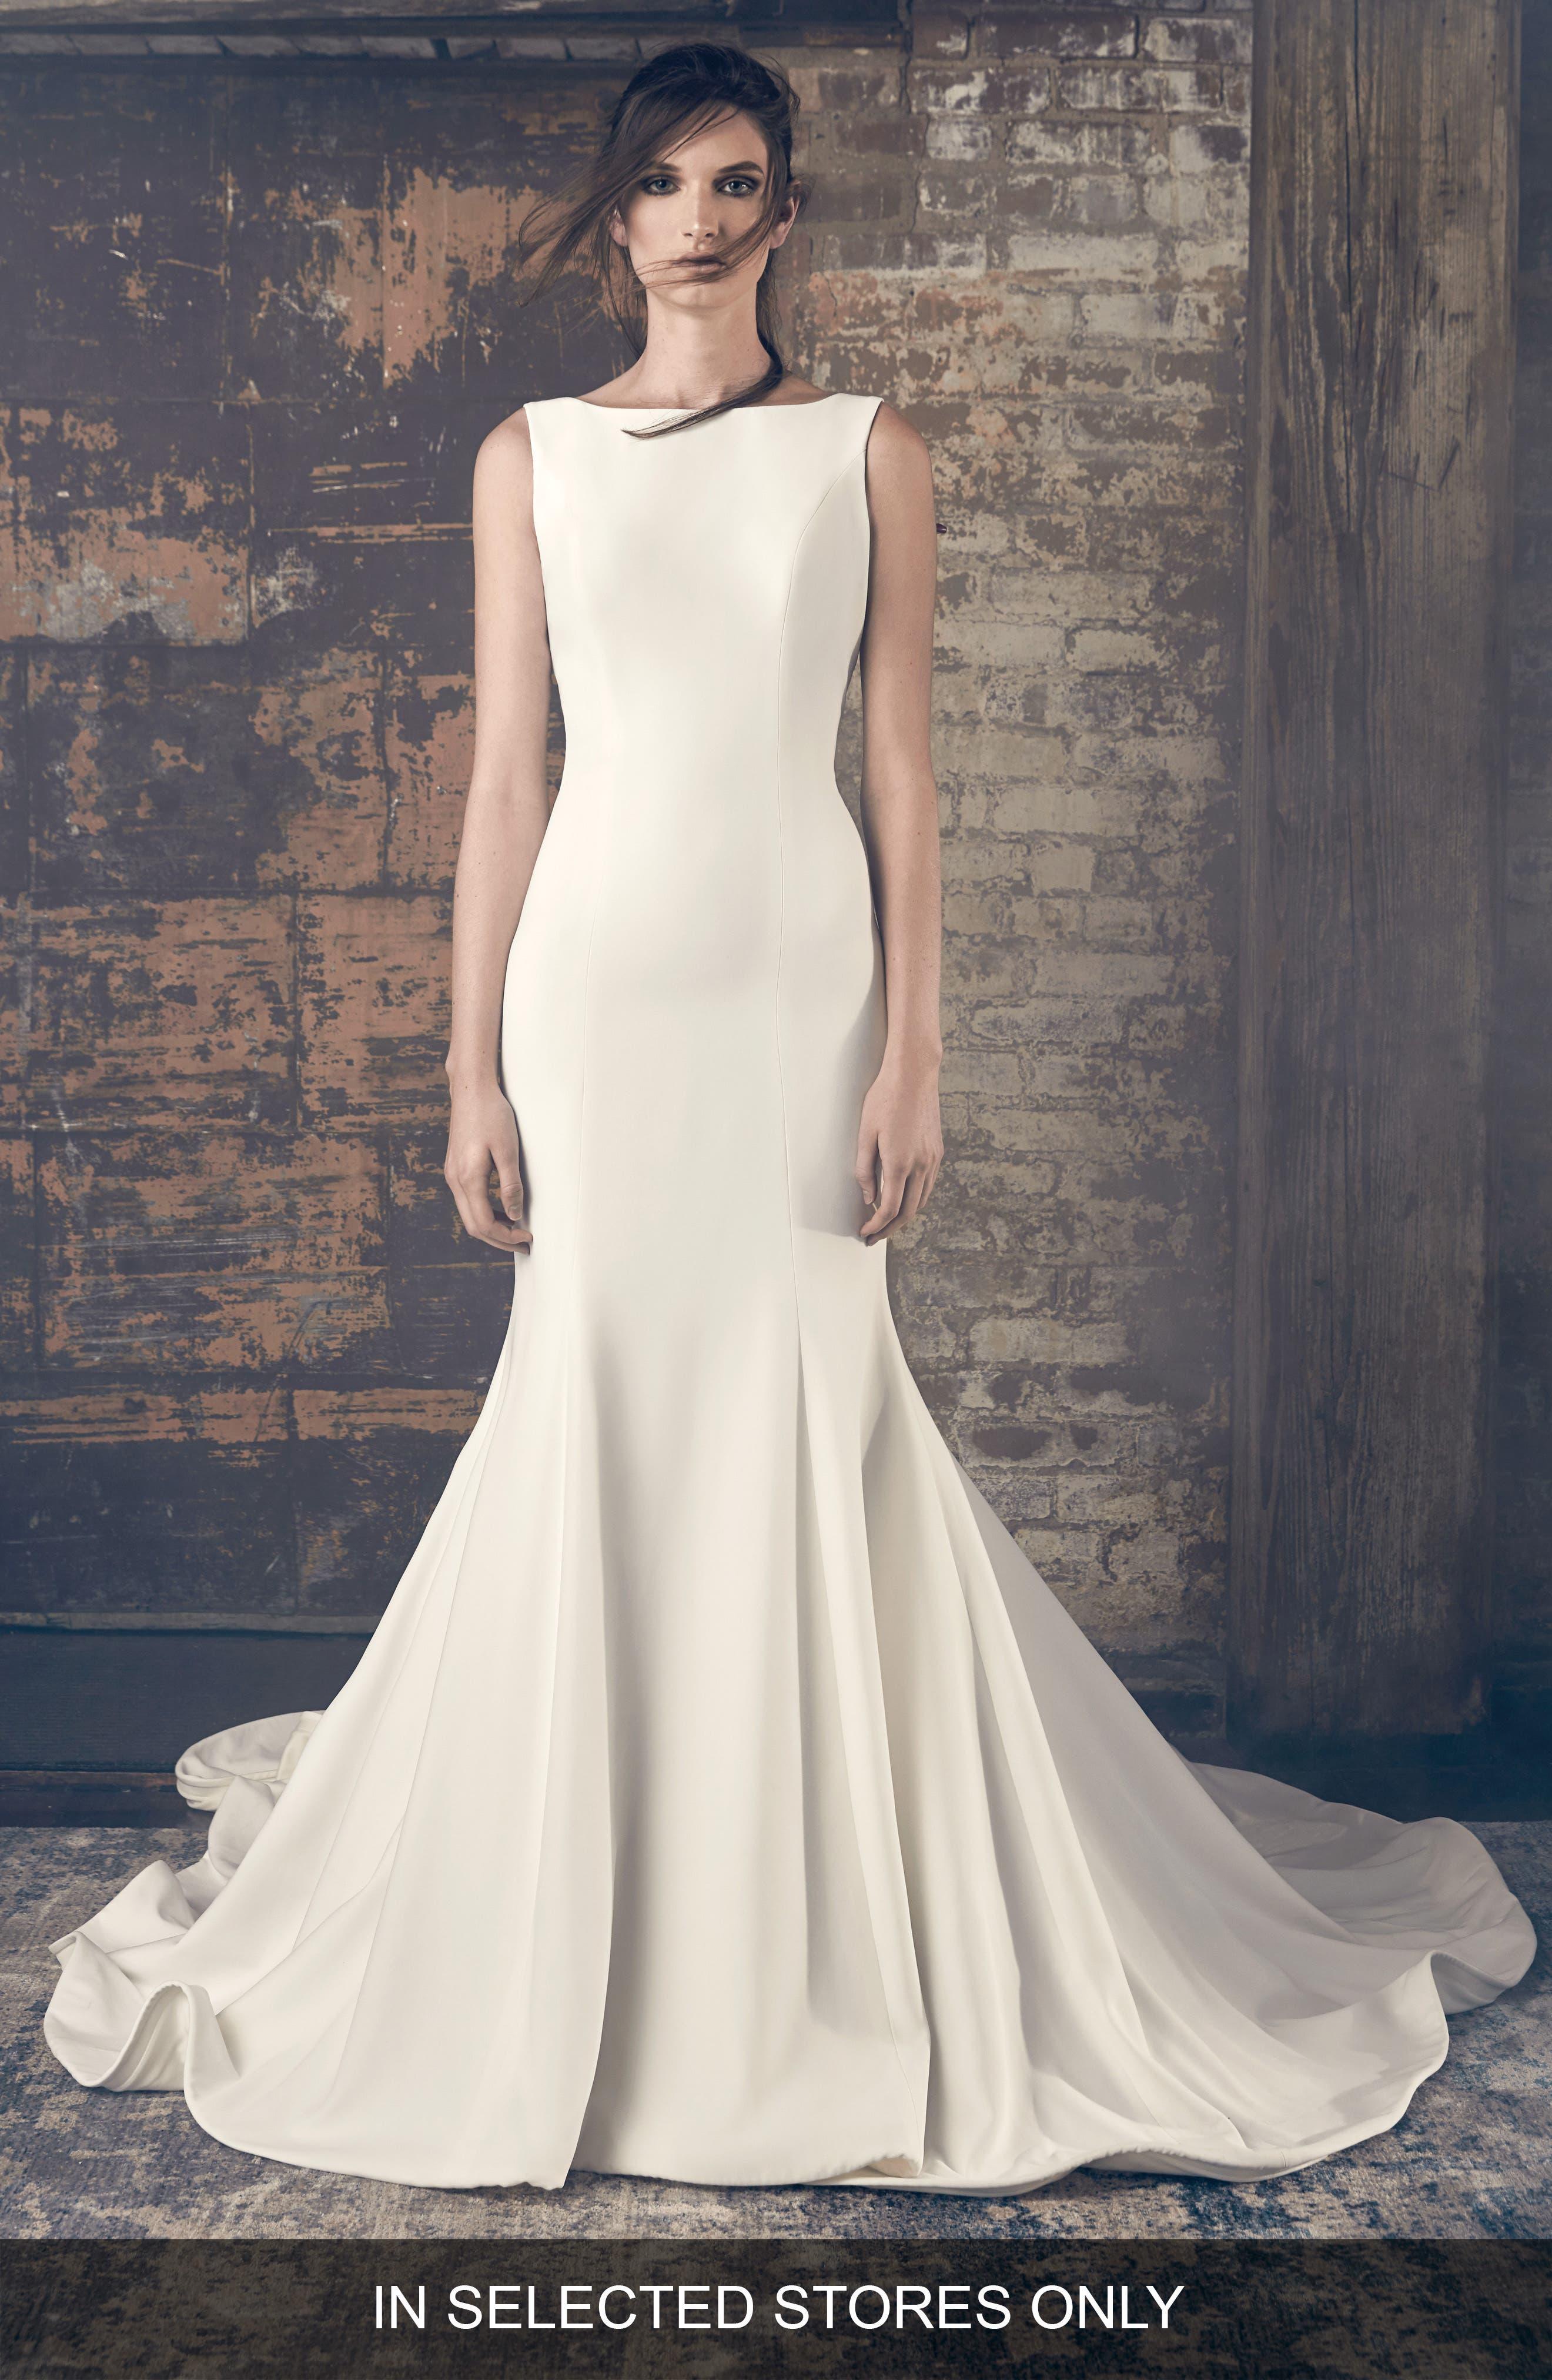 Sareh Nouri Spring 2018 Dress Collection